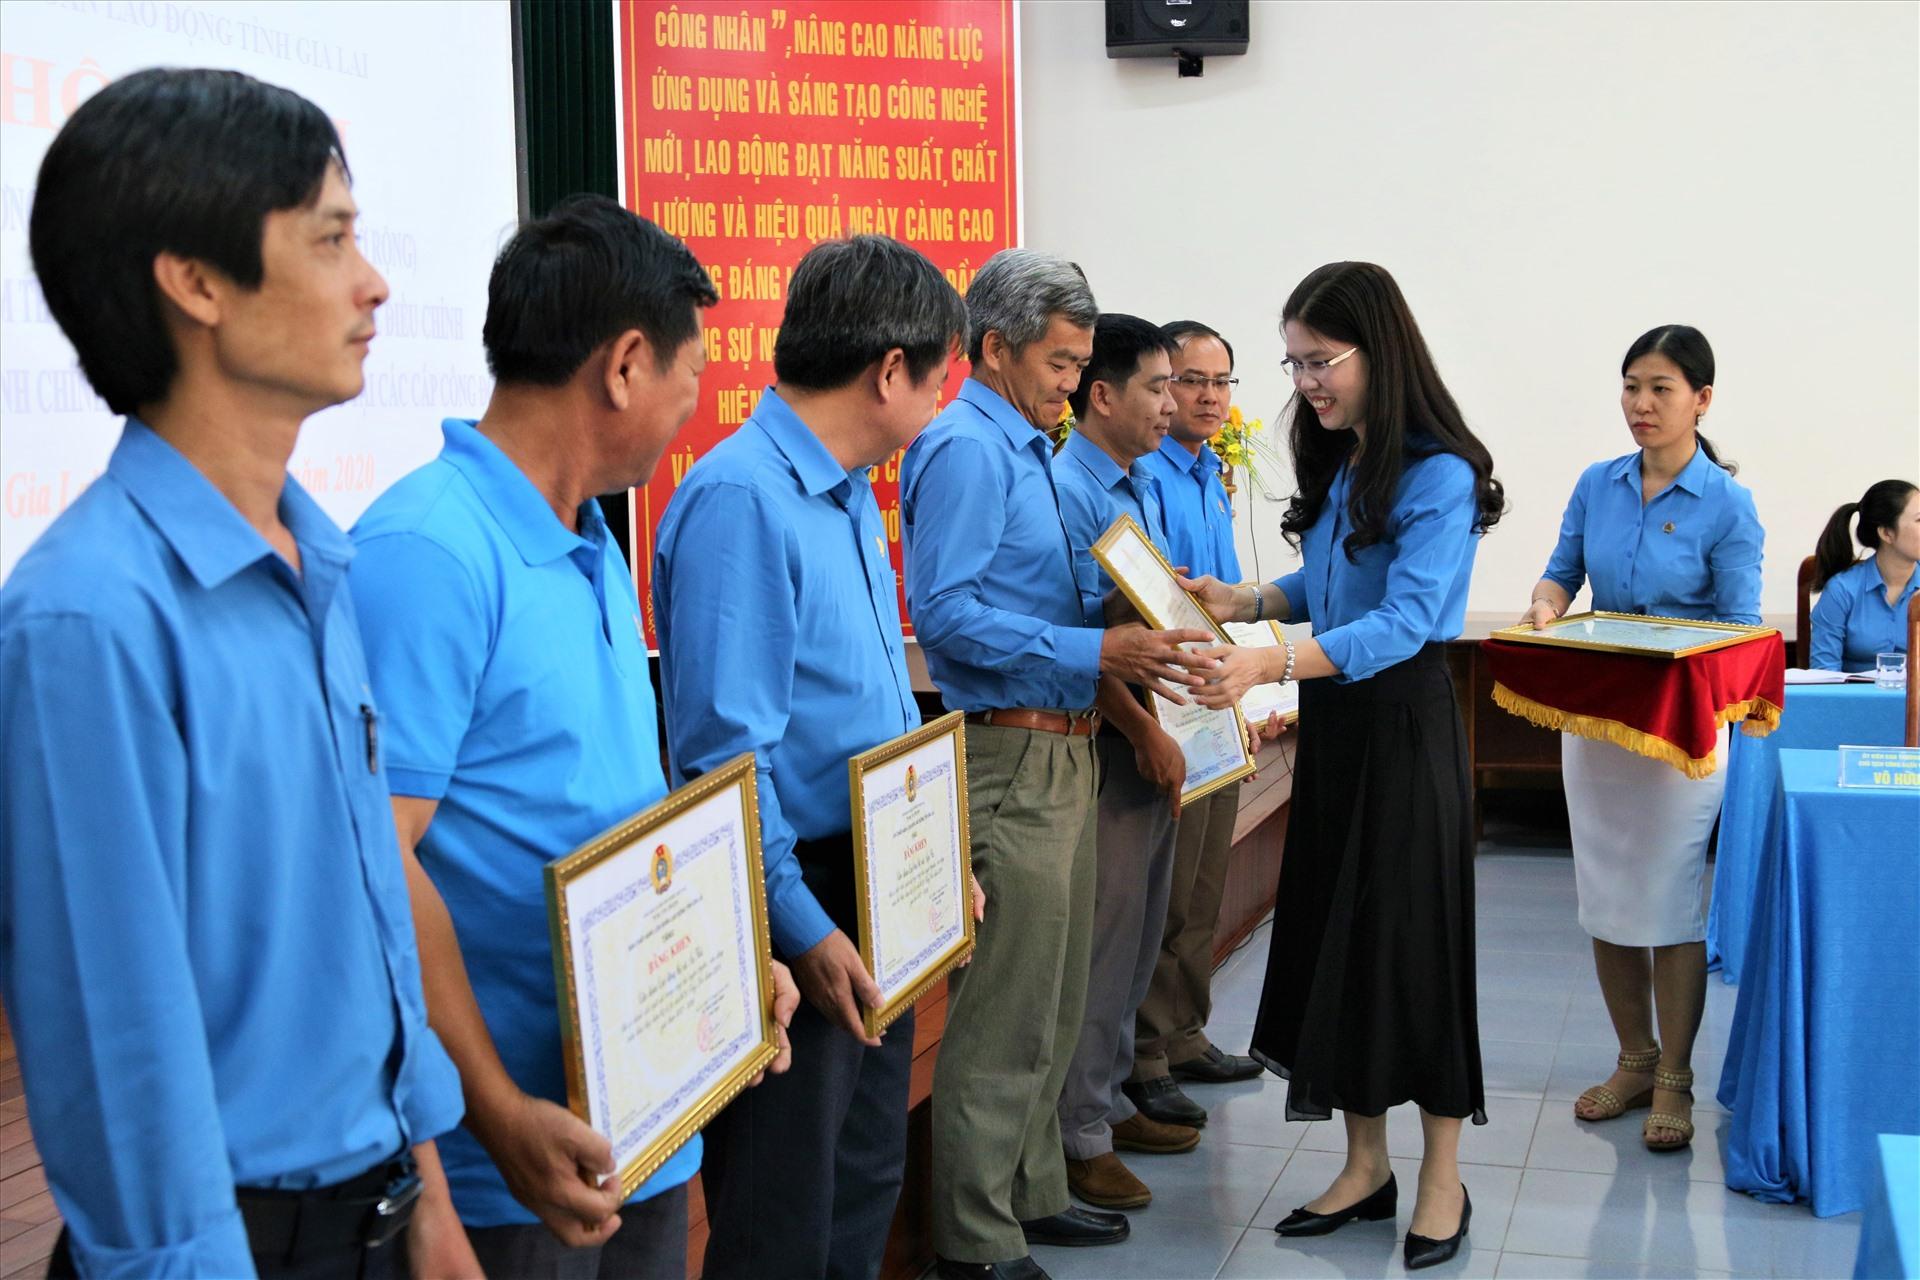 Lãnh đạo LĐLĐ tỉnh Gia Lai trao bằng khen cho những đơn vị có thành tích xuất sắc trong việc triển khai Nghị quyết. Ảnh: Bảo Trung